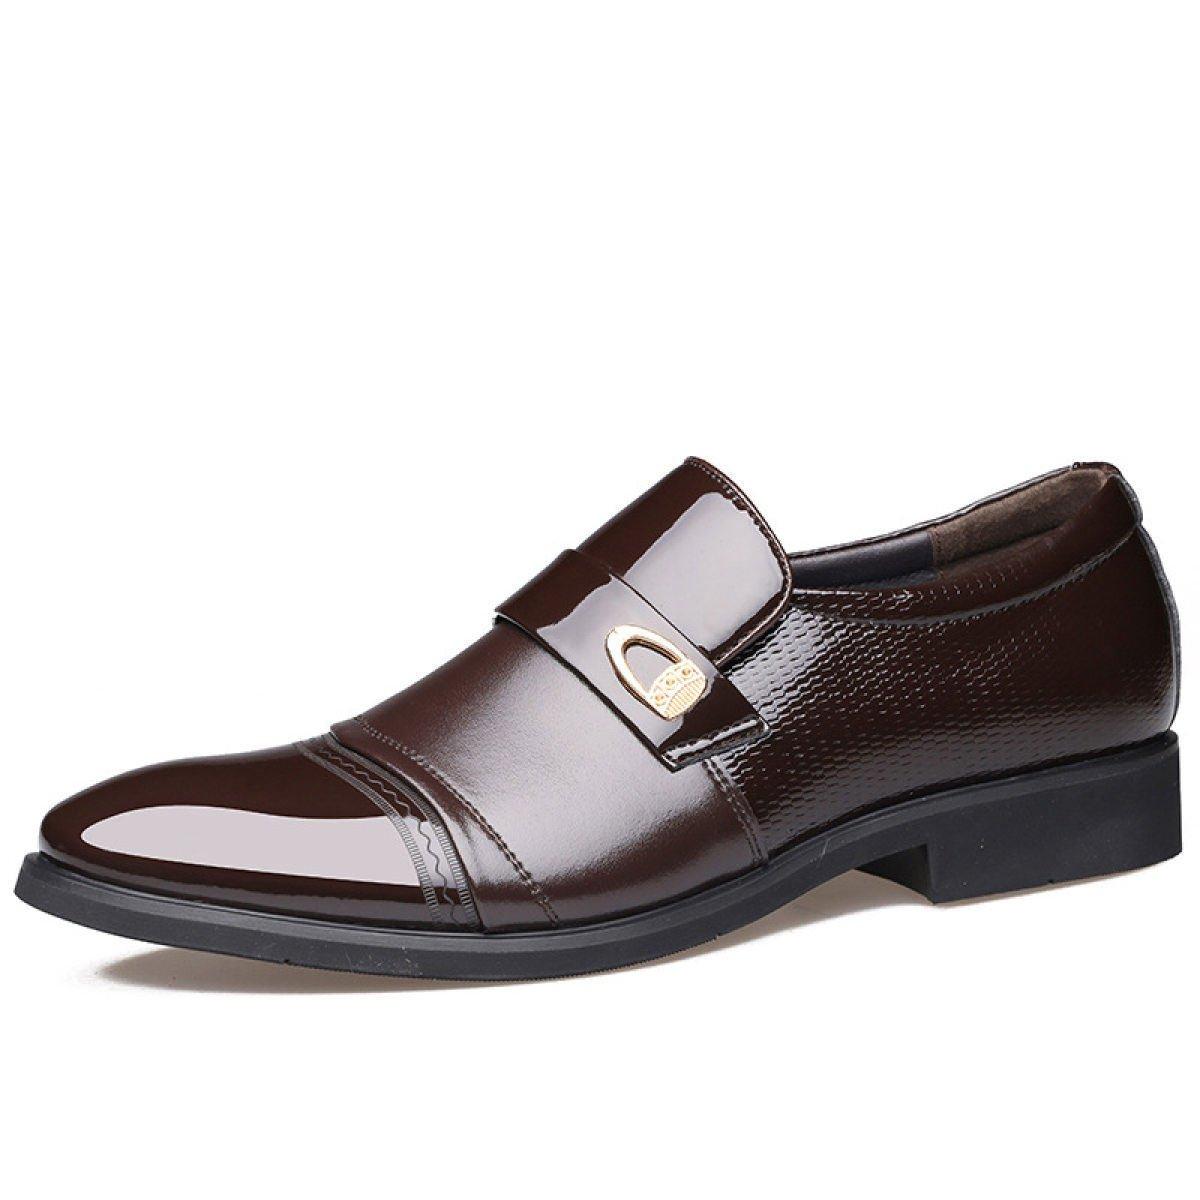 LEDLFIE Zapatos De Hombre Zapatos De Cuero De Vestir Hechos A Mano Zapatos De Hombre Zapatos Sueltos 40 EU|Brown